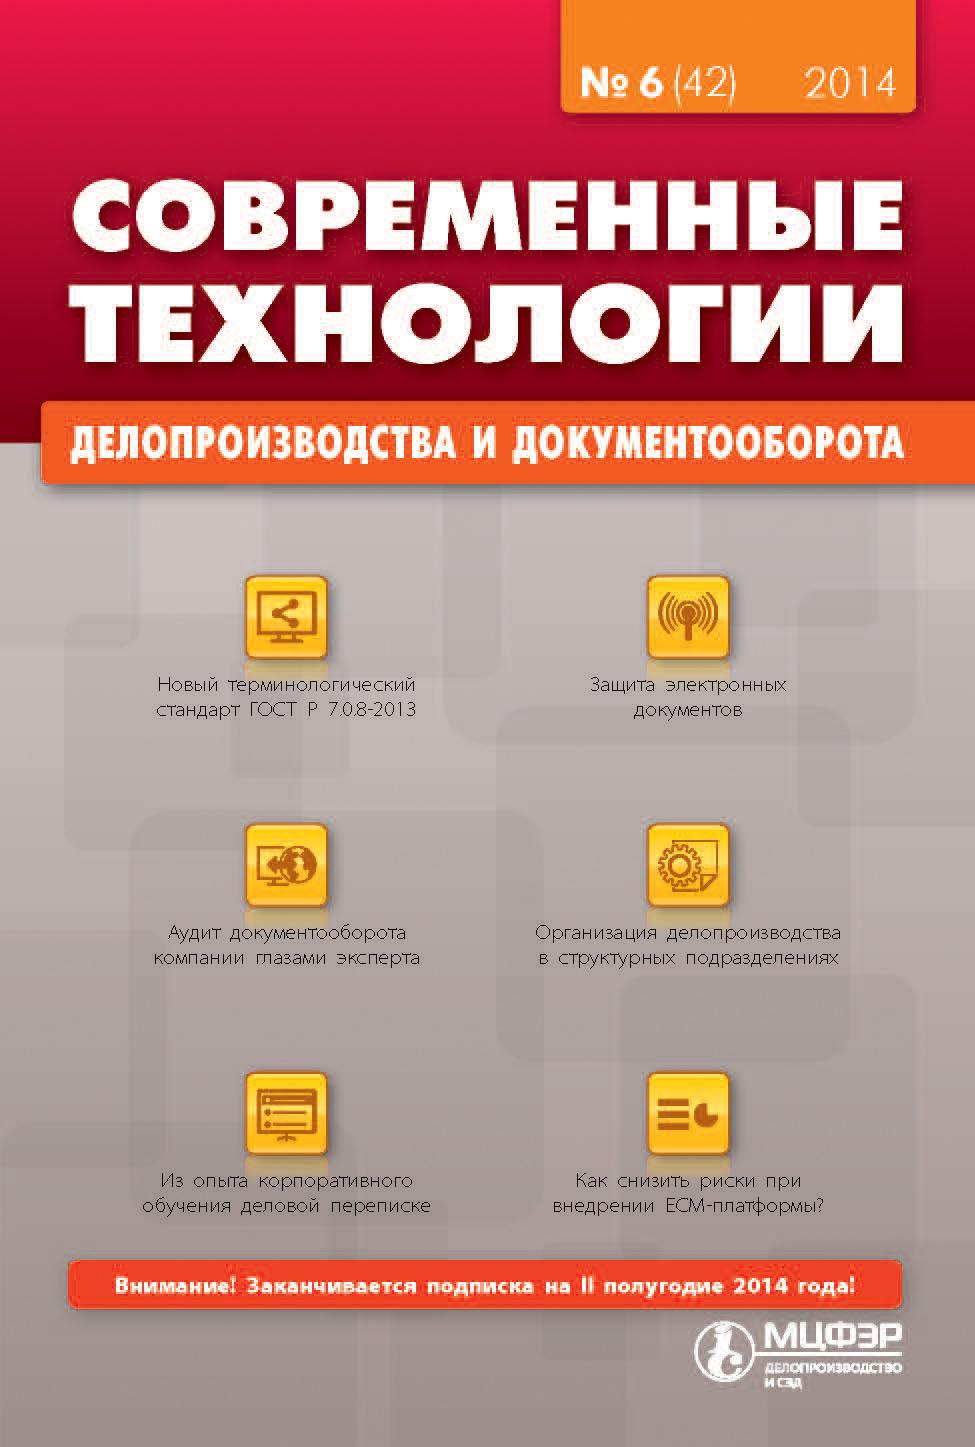 Отсутствует Современные технологии делопроизводства и документооборота № 6 42 2014